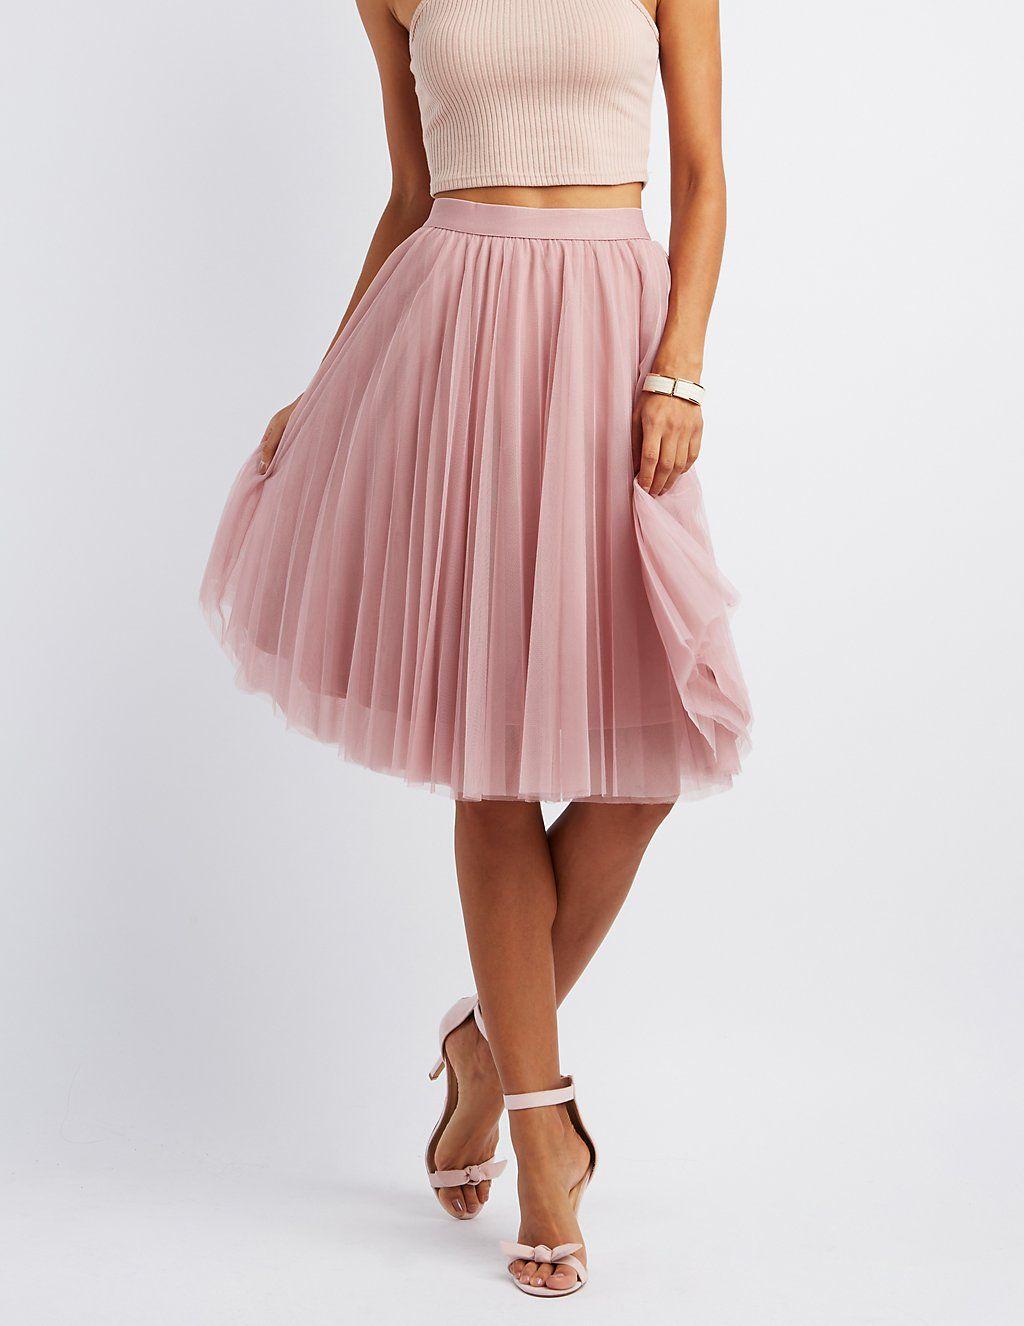 Tulle Full Midi Skirt | Charlotte Russe | My Dream Wardrobe | Pinterest